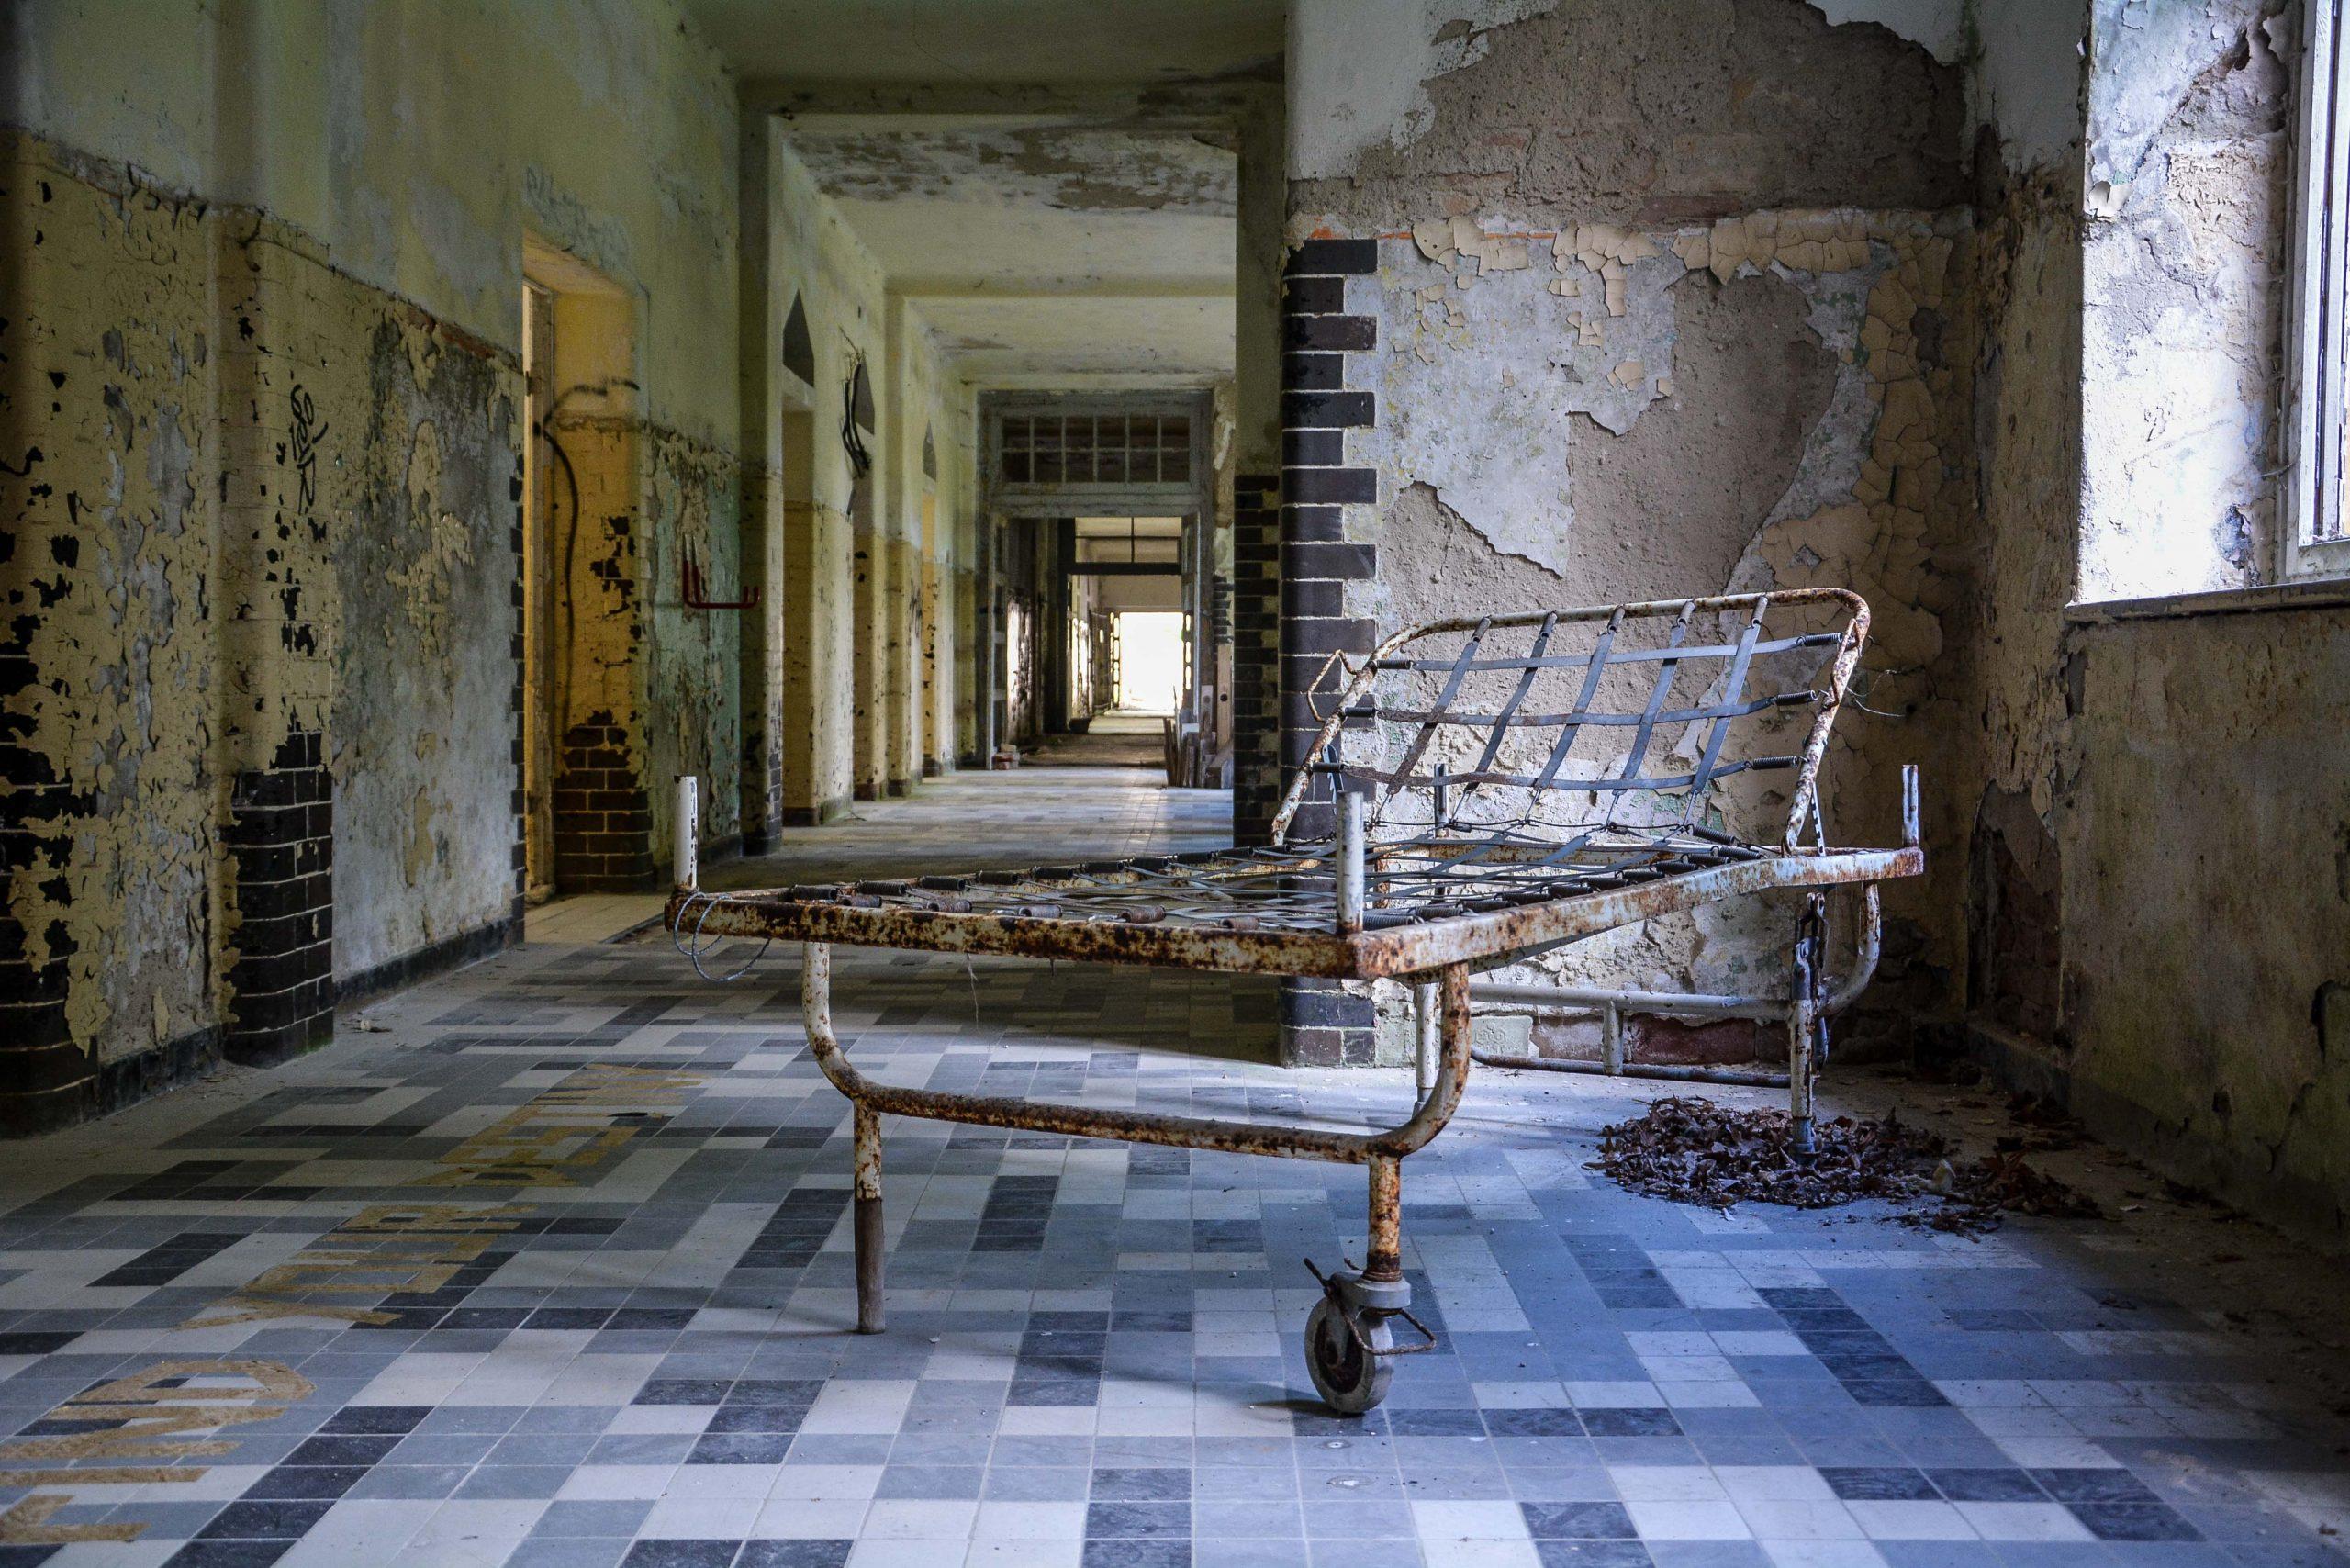 hospital bed tuberkulose heilstaette grabowsee sanatorium hospital oranienburg lost places abandoned urbex brandenburg germany deutschland